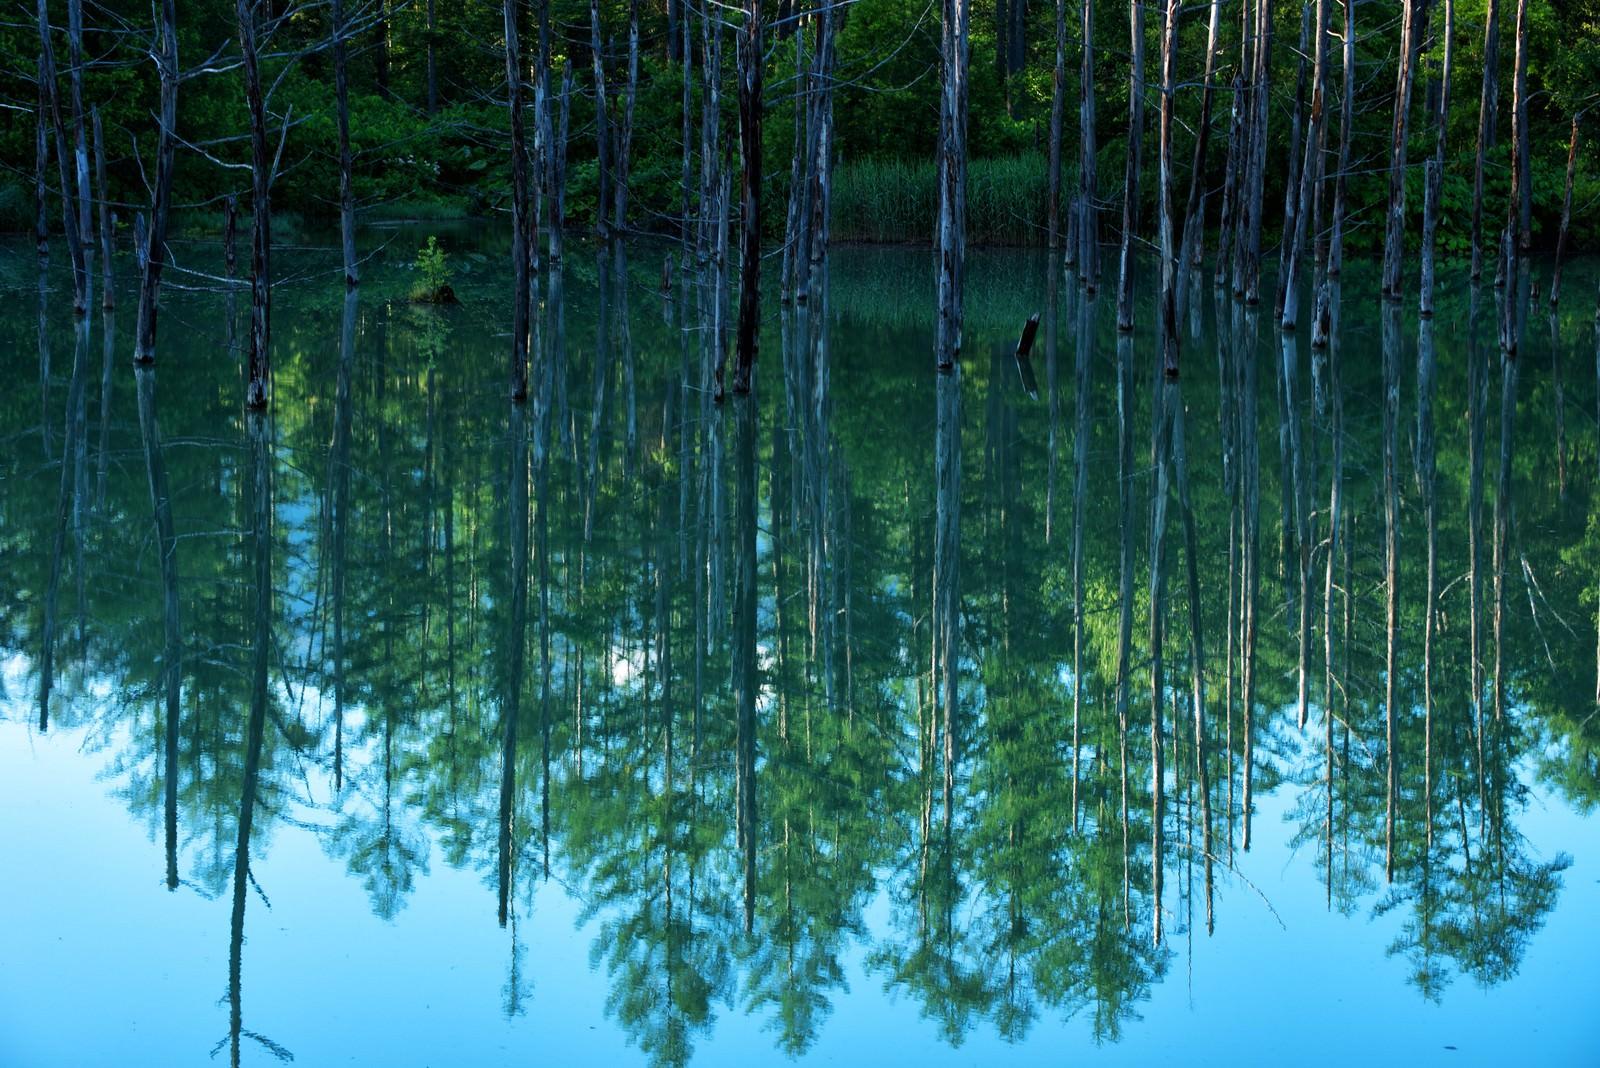 「青池の湖面に映る水鏡」